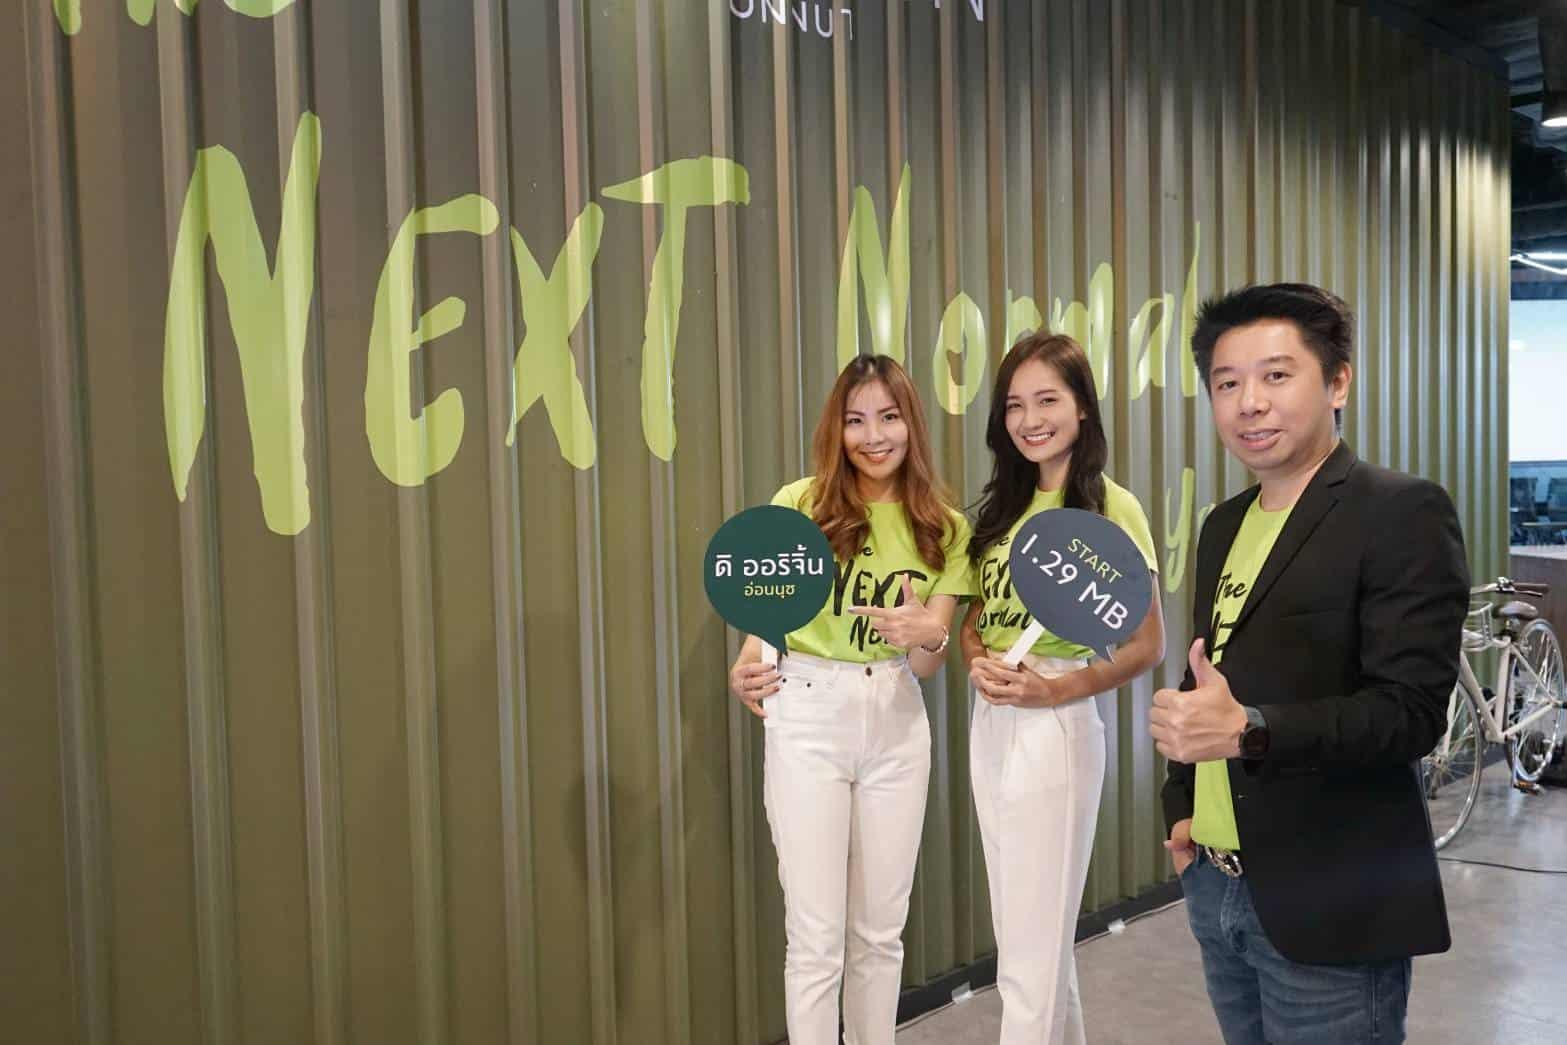 """ครั้งแรกของไทย! ออริจิ้น เปิดขายคอนโดใหม่แบบ """"Next Normal"""" เล็งขาย """"ดิ ออริจิ้น อ่อนนุช"""" ออนไลน์ 100% แบบไร้ Sales Gallery"""